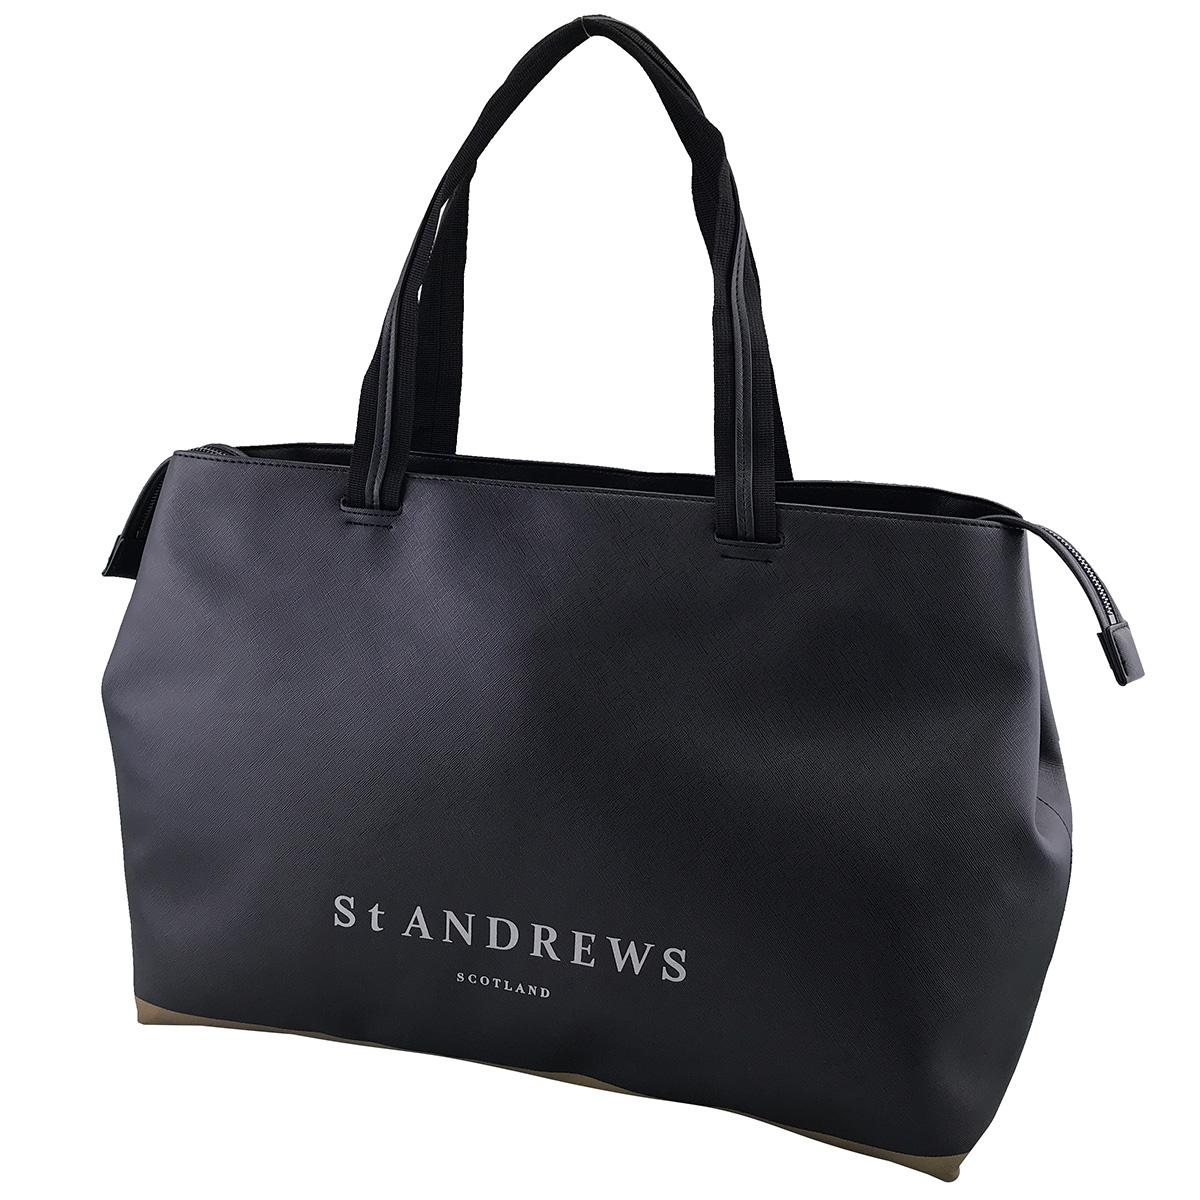 送料無料 セント・アンドリュース St ANDREWS ロゴトートバッグ